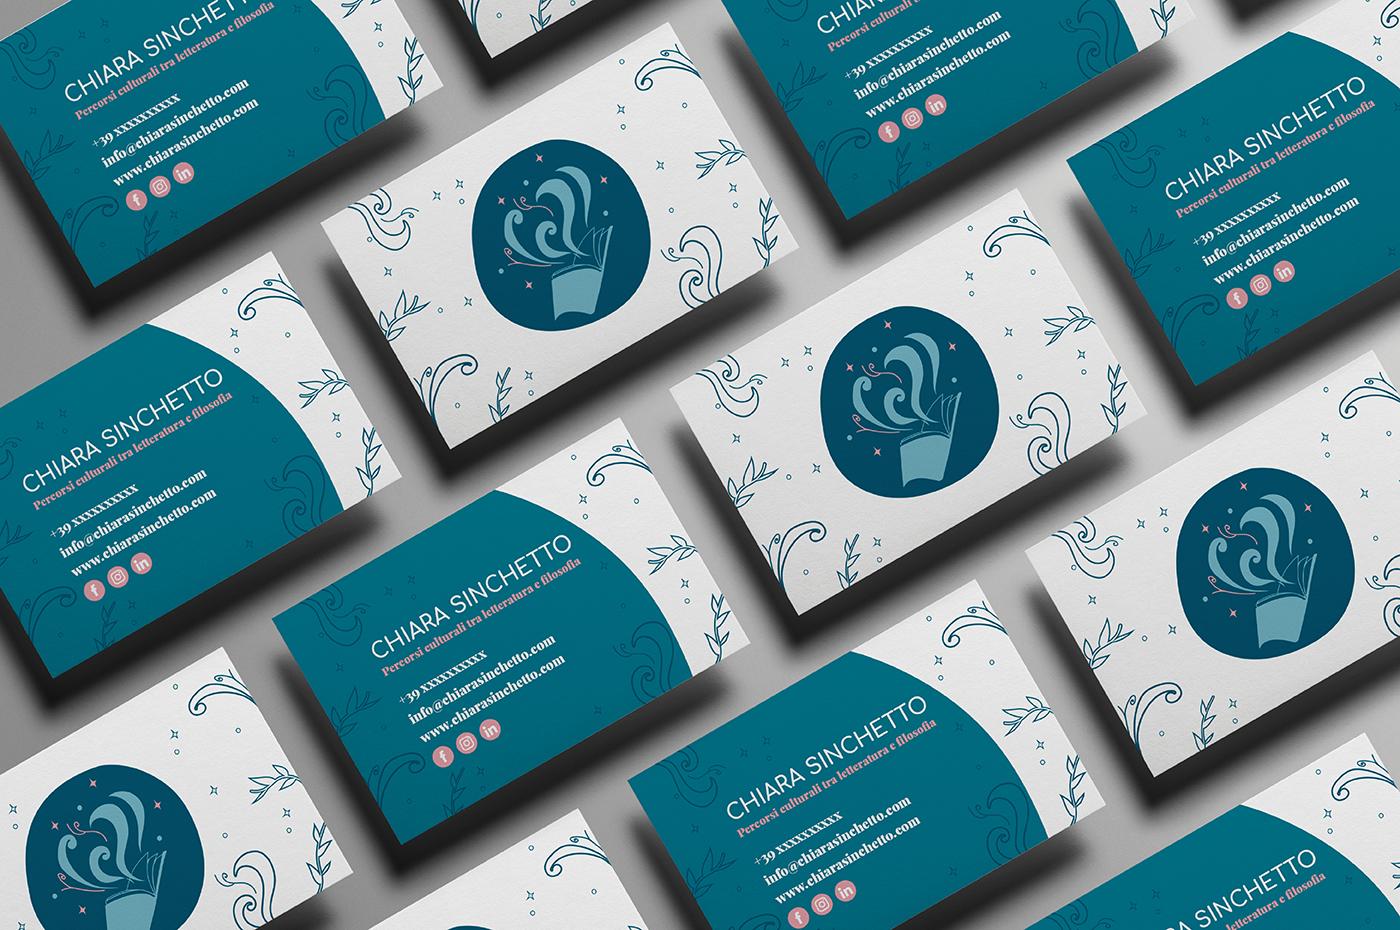 Portfolio-Laura-Calascibetta-graphic-designer-chiara-sinchetto-nuova-identità-visiva-applicazioni